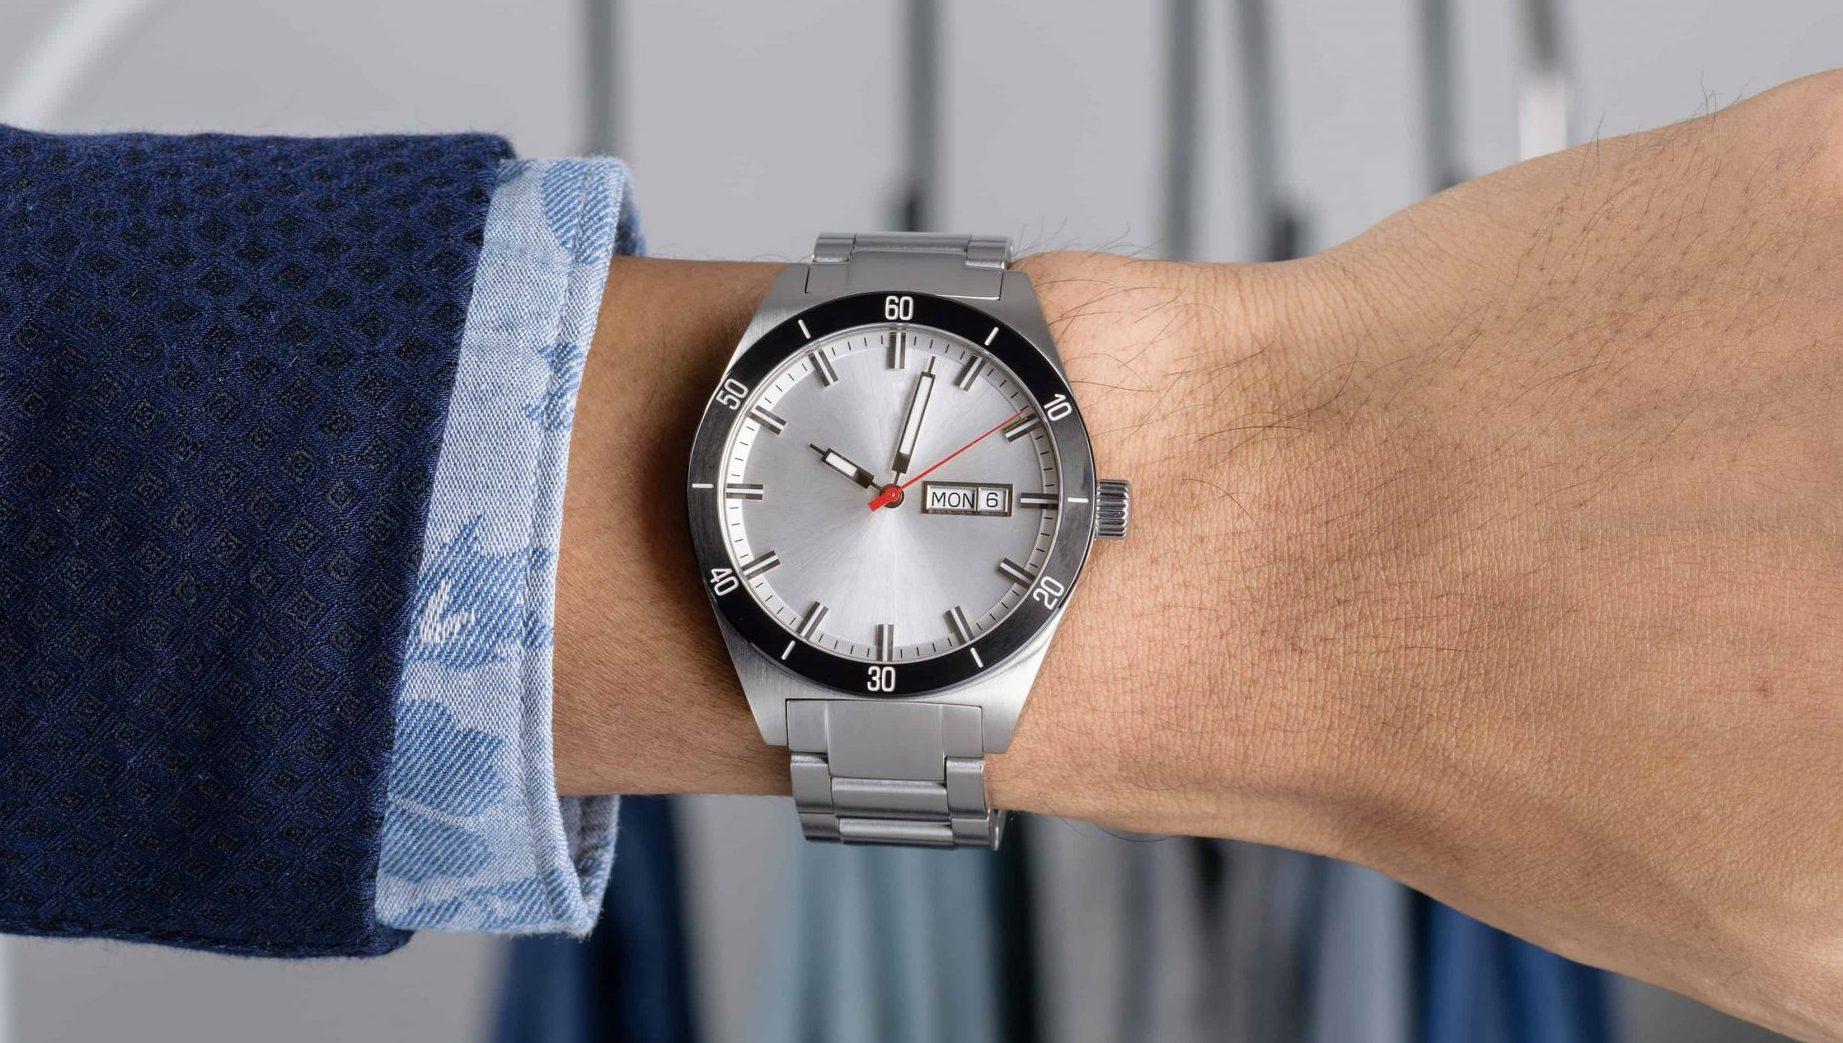 Relógio Swatch: Qual é o melhor de 2020?